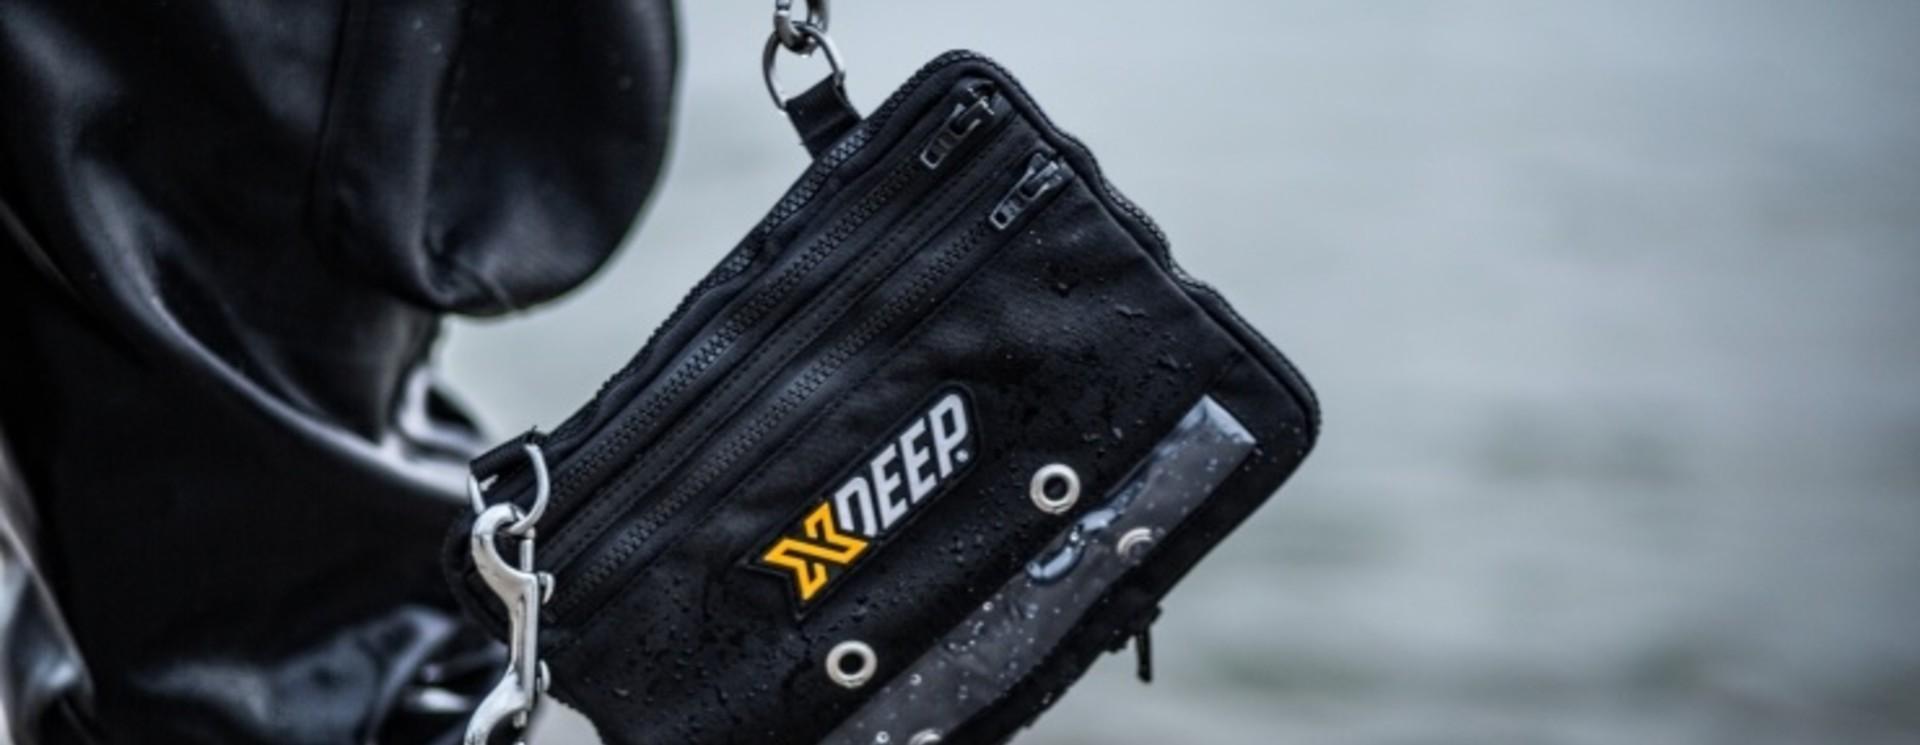 XDEEP Accessoires, vind alle XDEEP Accessoires hier!